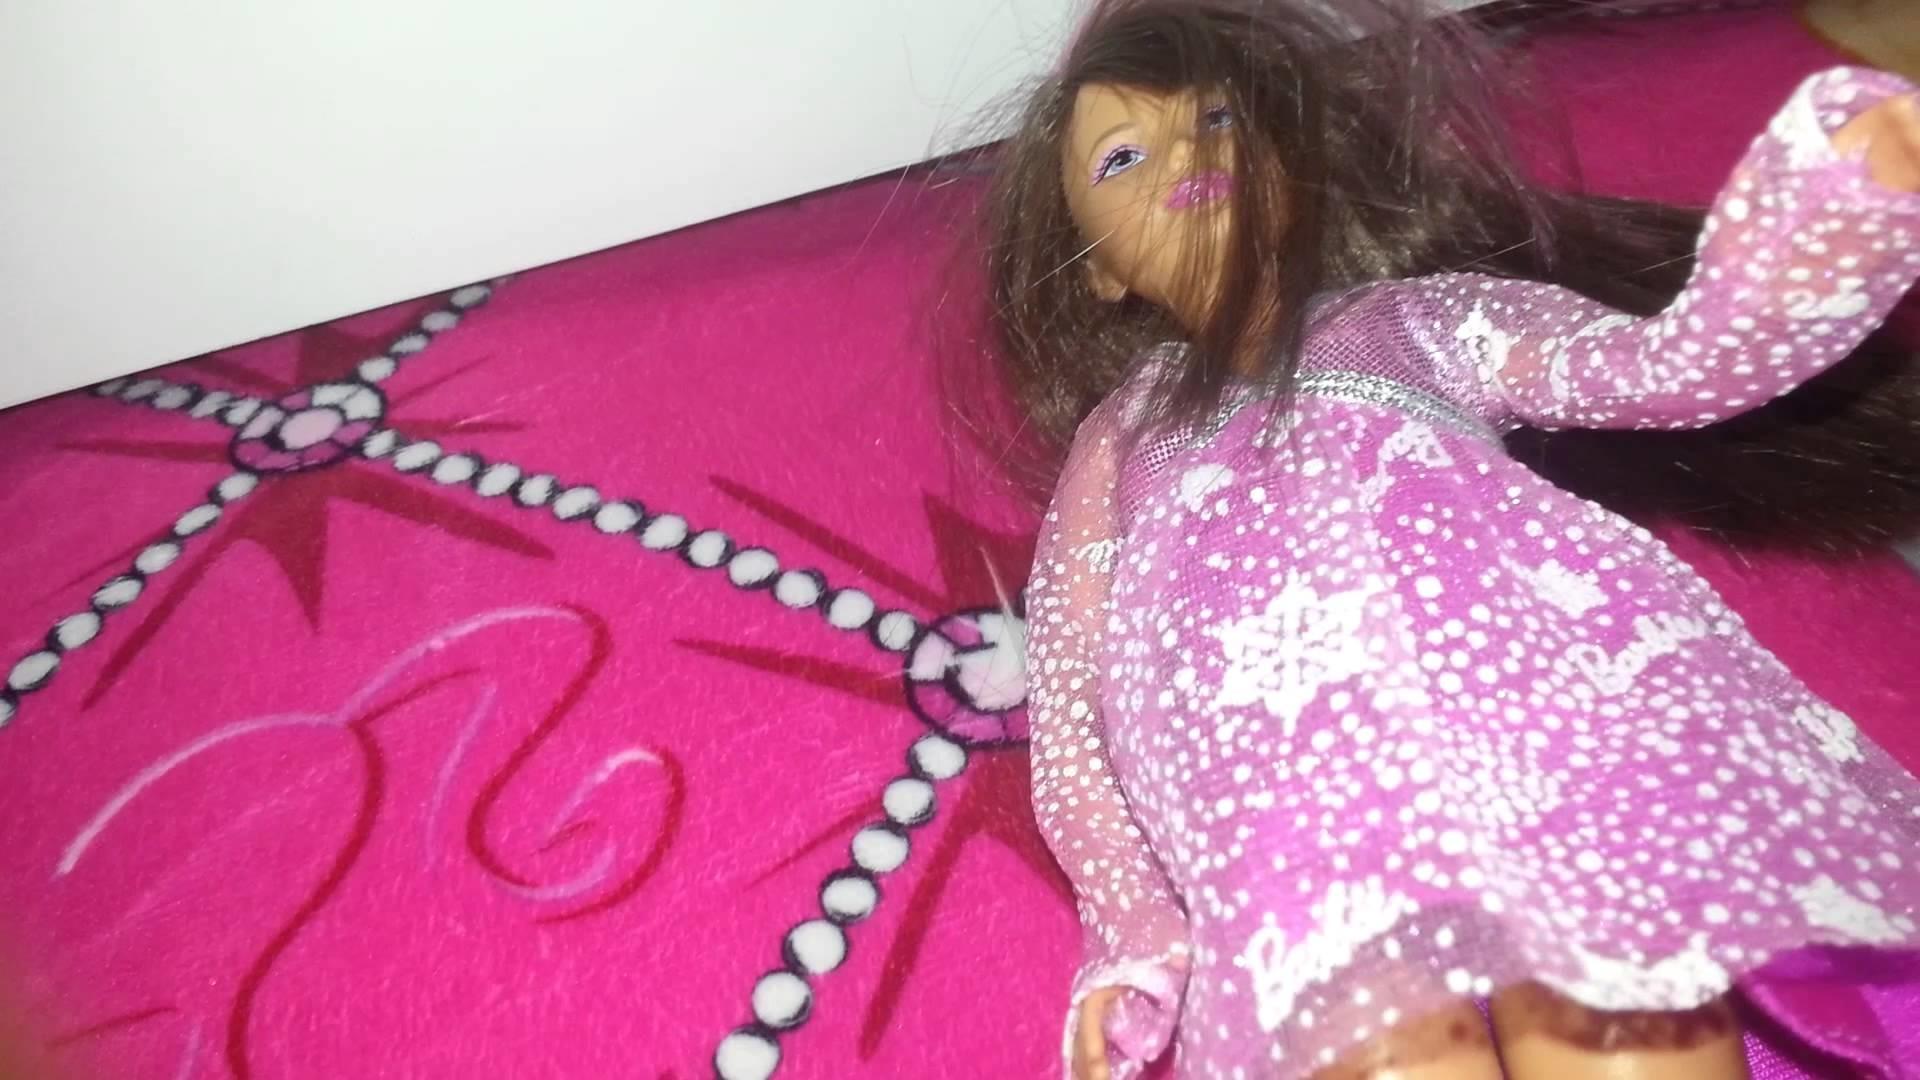 How to repair a doll's leg